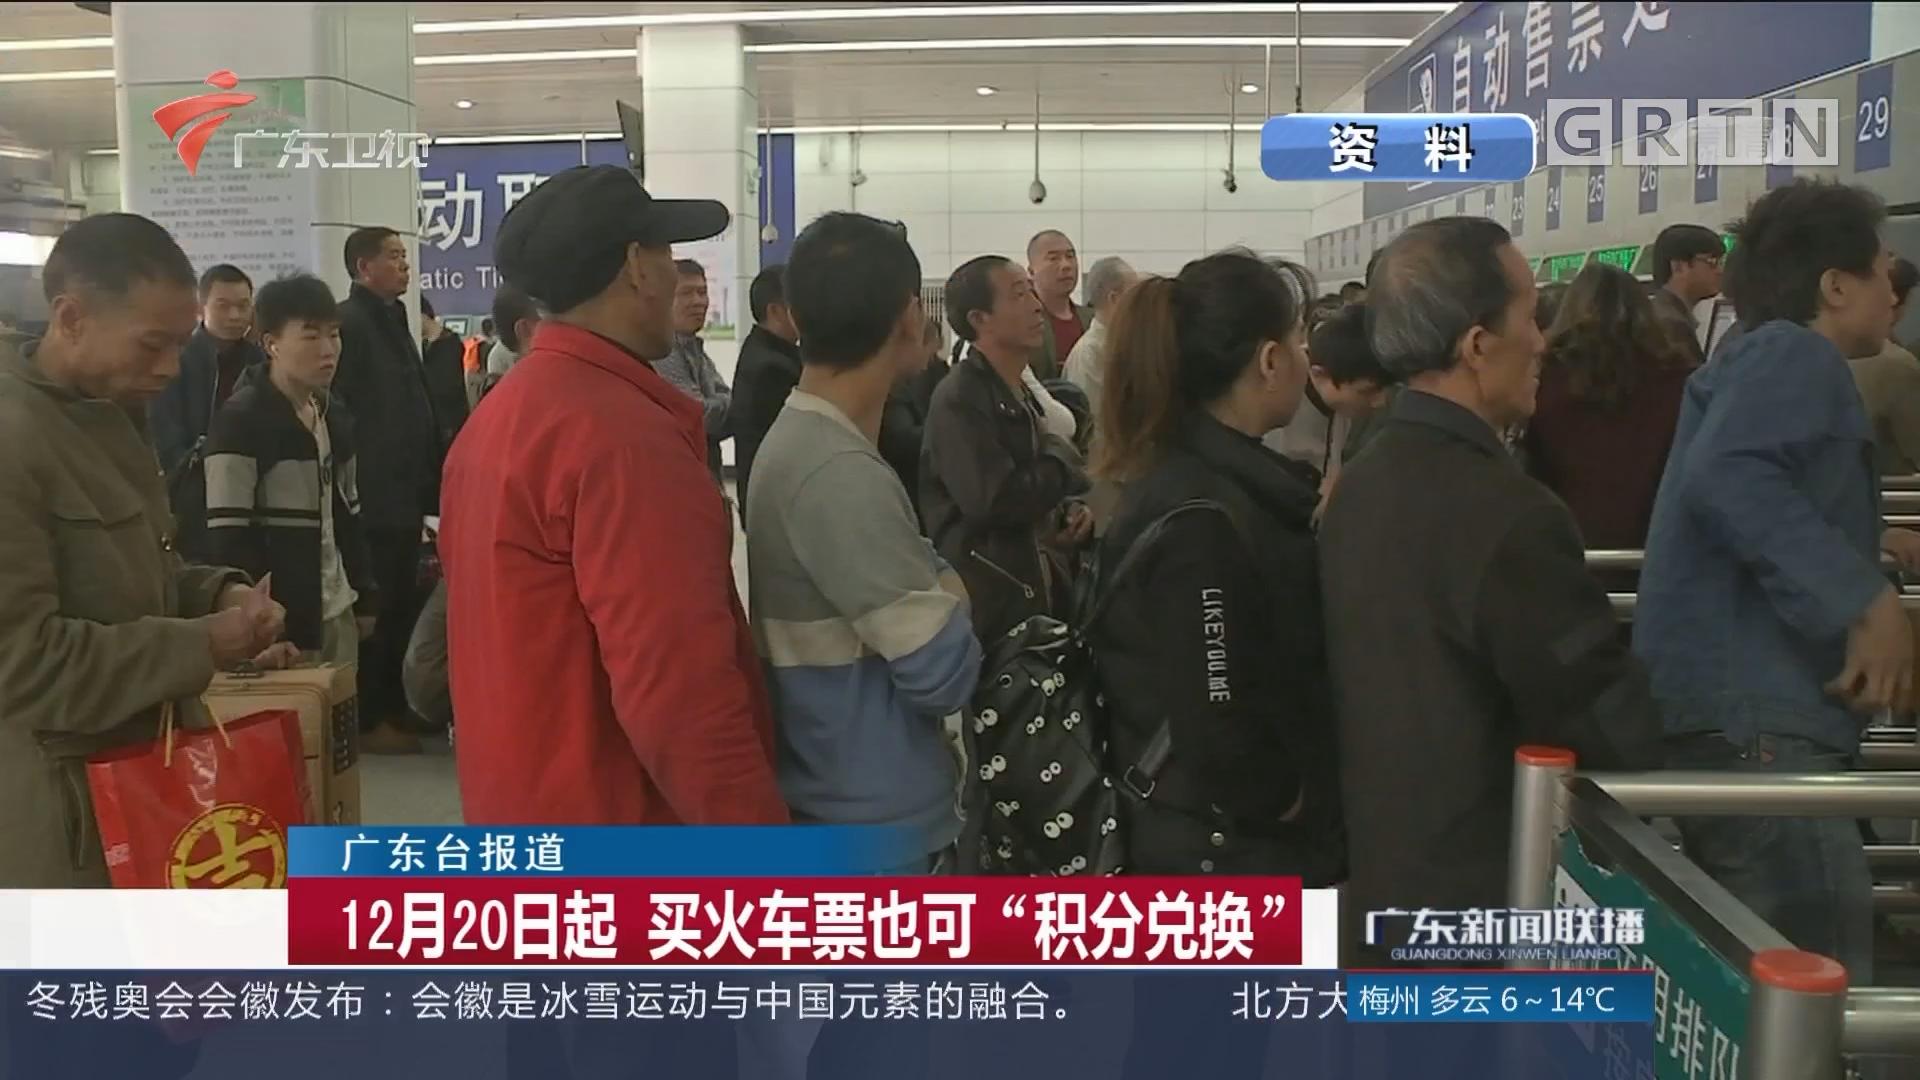 """12月20日起 买火车票也可""""积分兑换"""""""